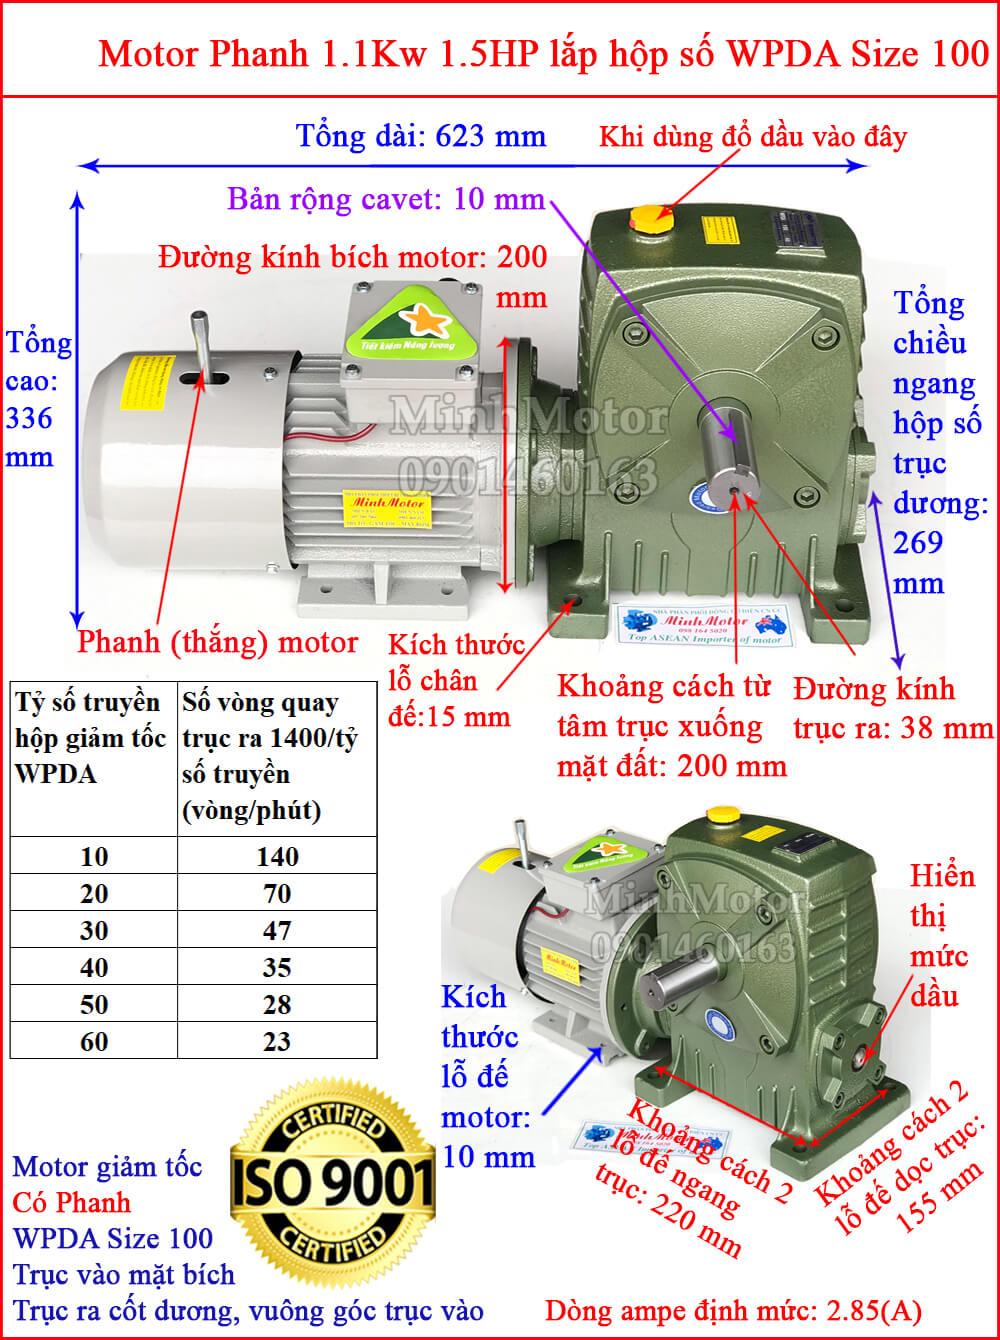 motor phanh 1.1kw 1.5hp liền hộp giảm tốc trục vít wpda size 100